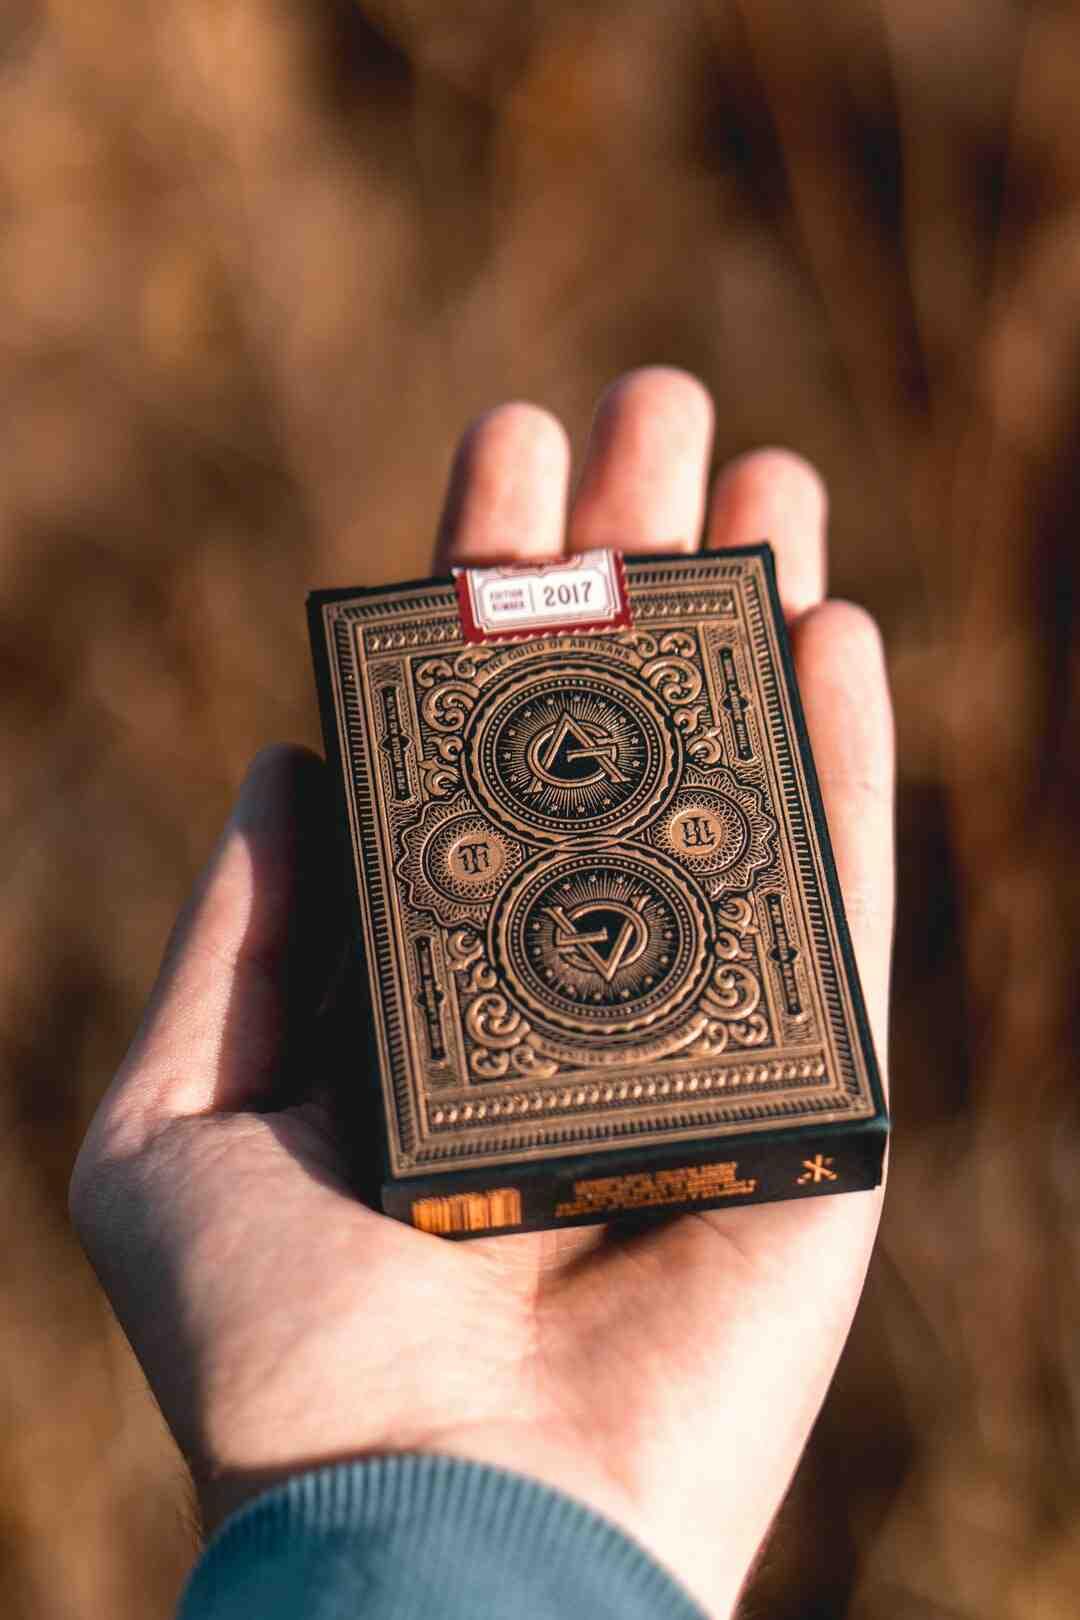 Comment faire un tour de magie avec des cartes